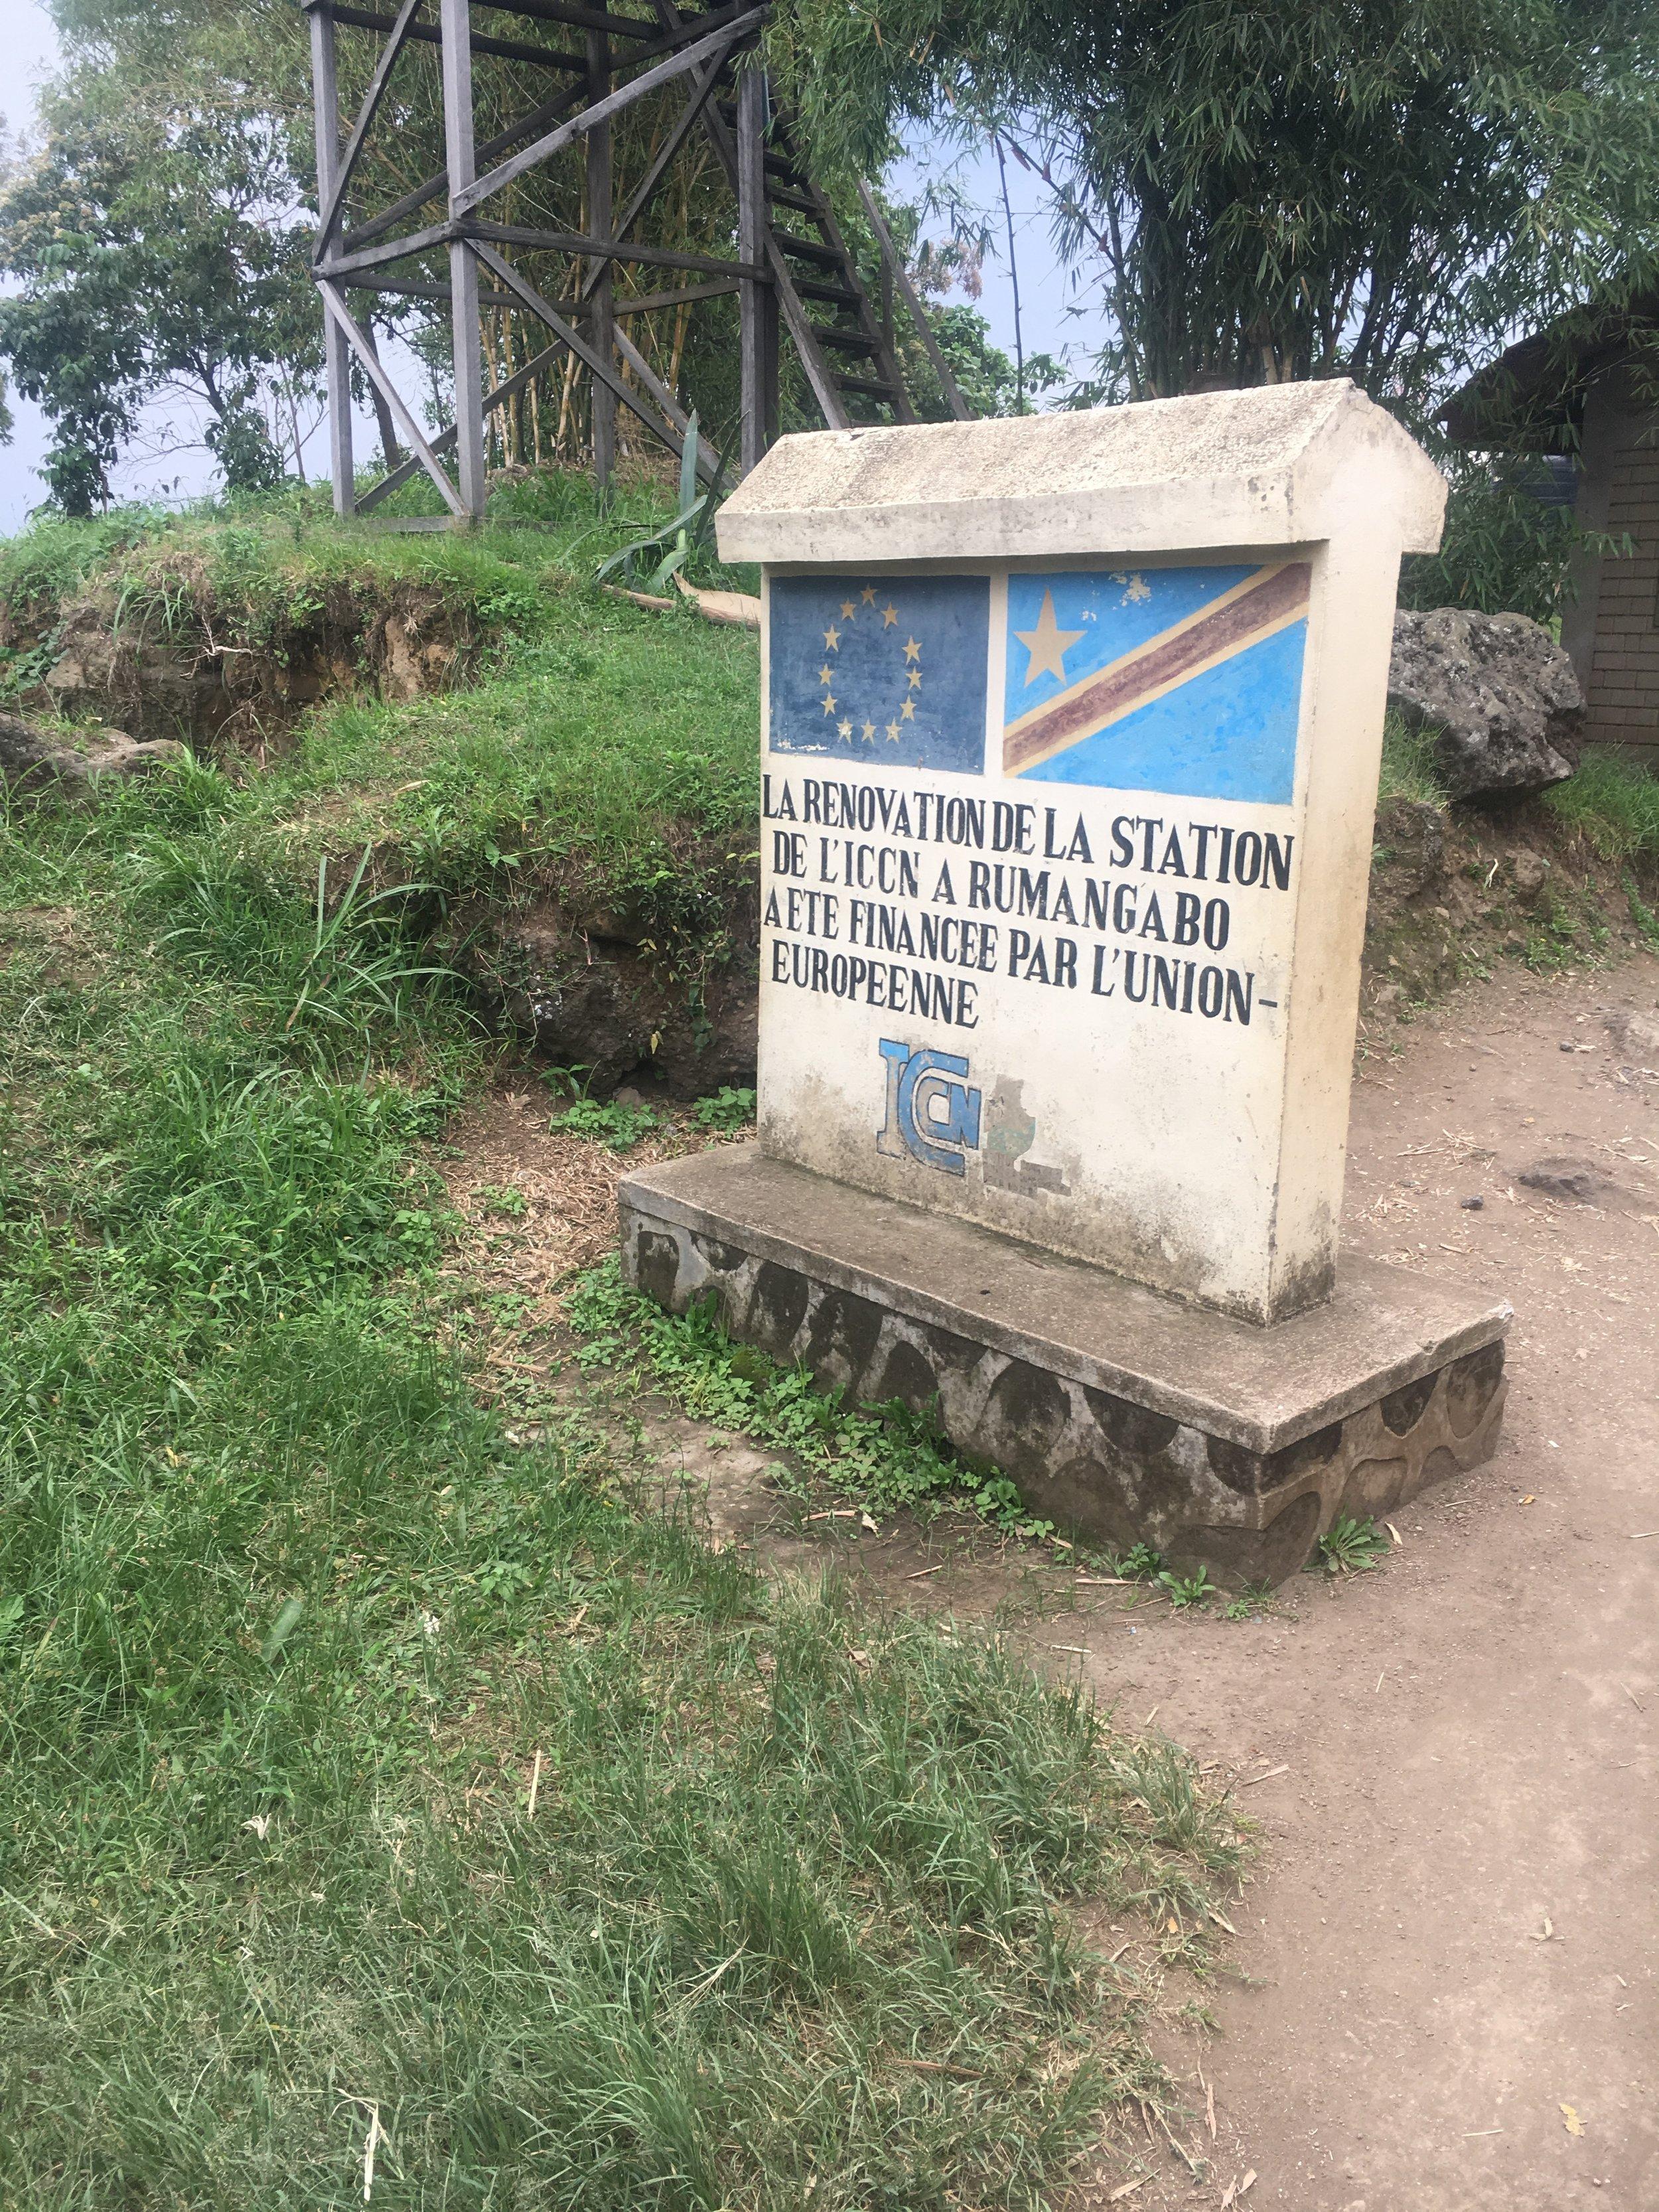 Rumangabo